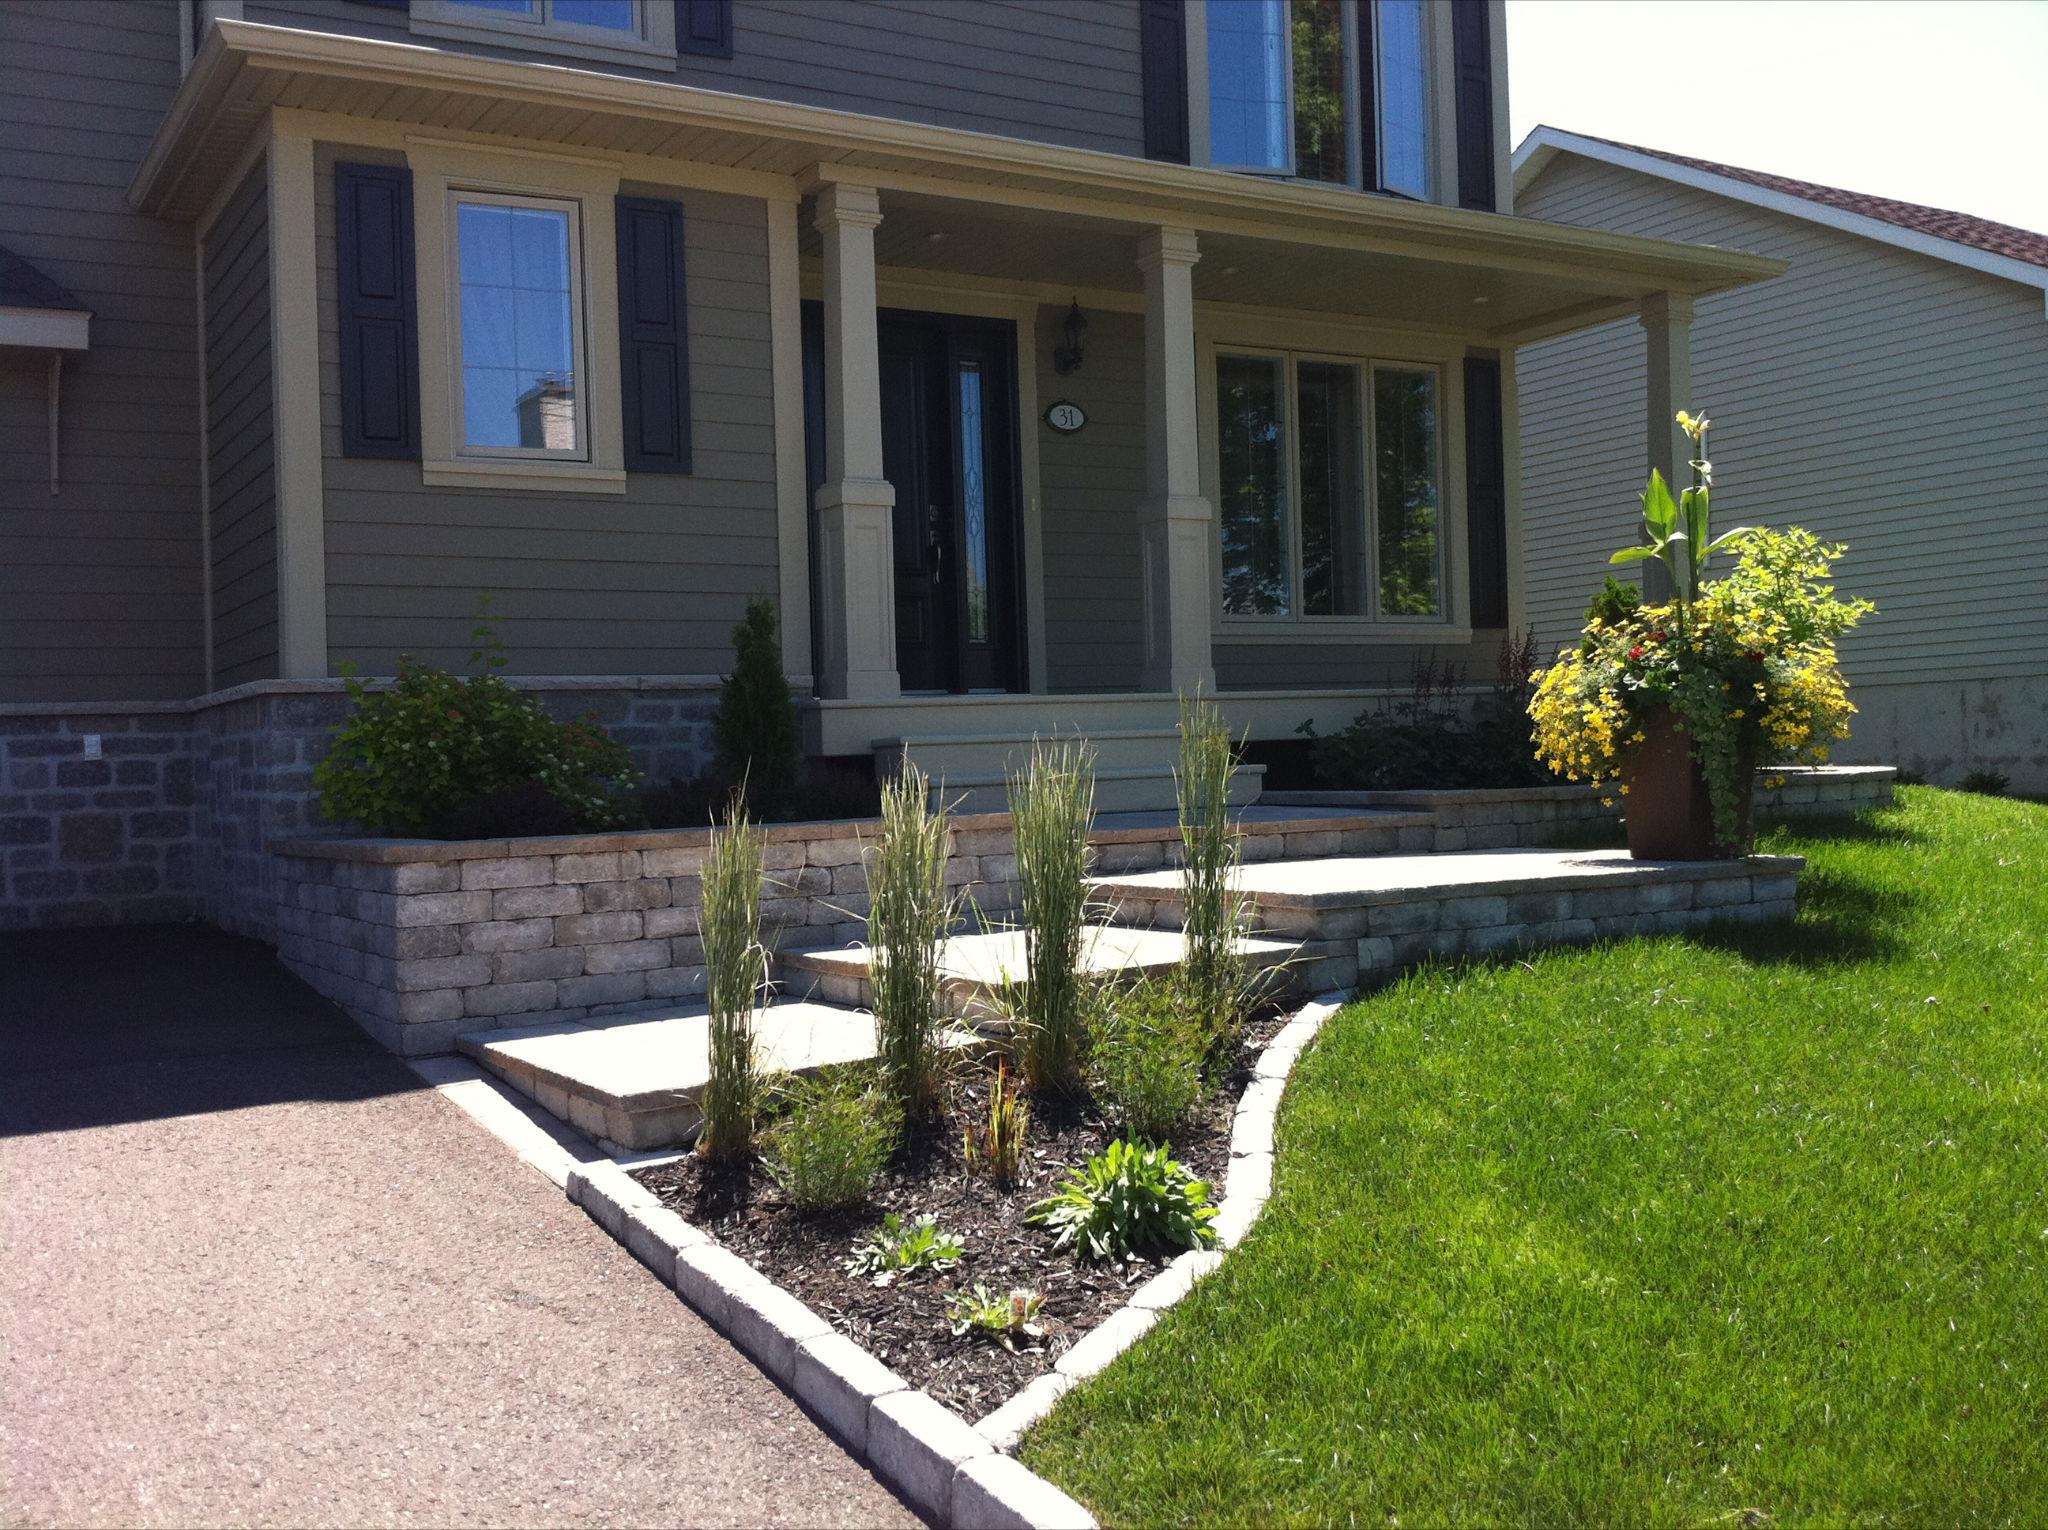 Aménagement Entrée Maison Extérieur quelques trucs pour optimiser l'aménagement de votre façade